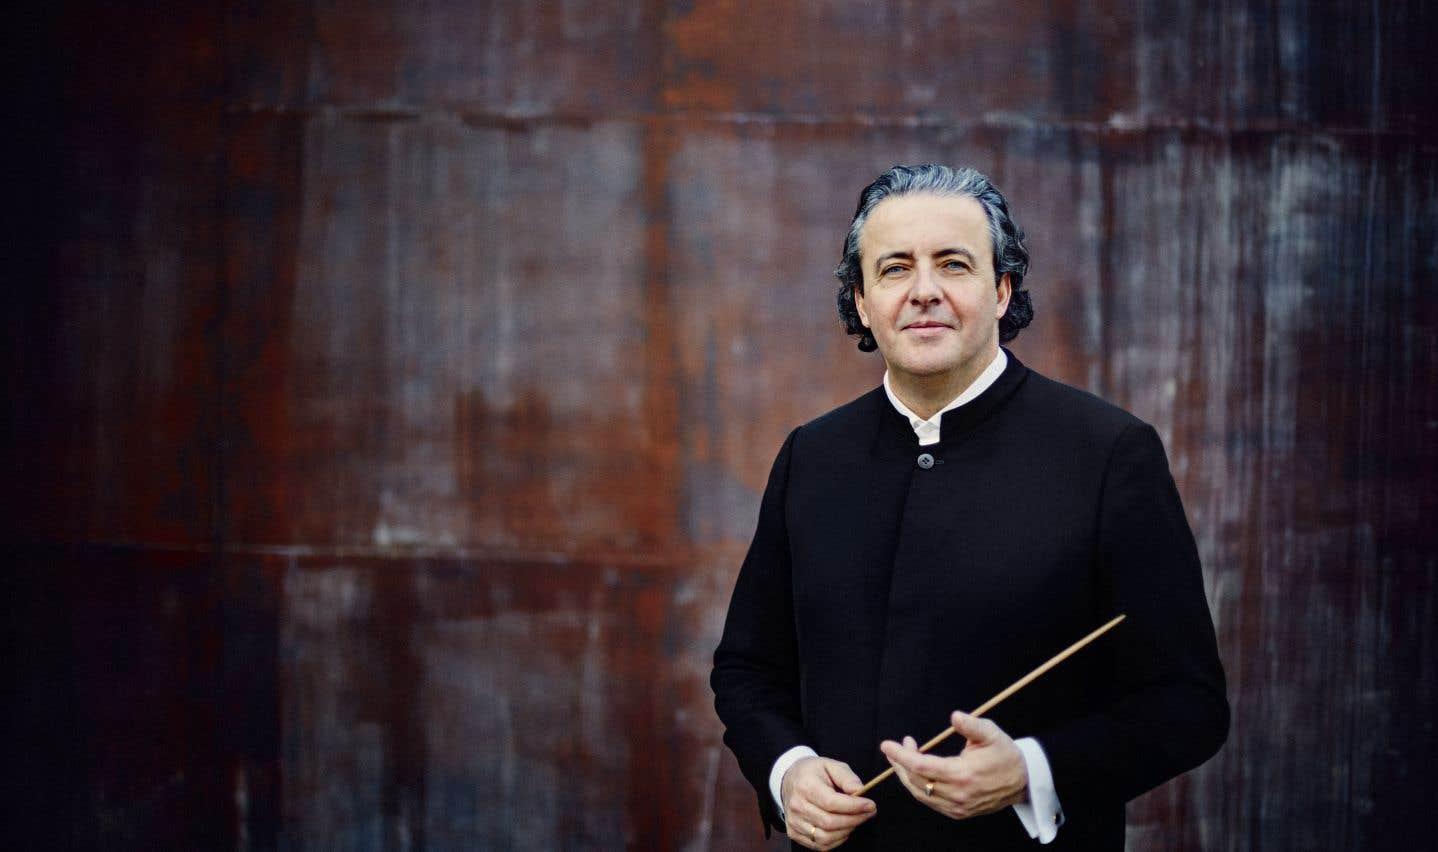 Le chef d'orchestre Juanjo Mena